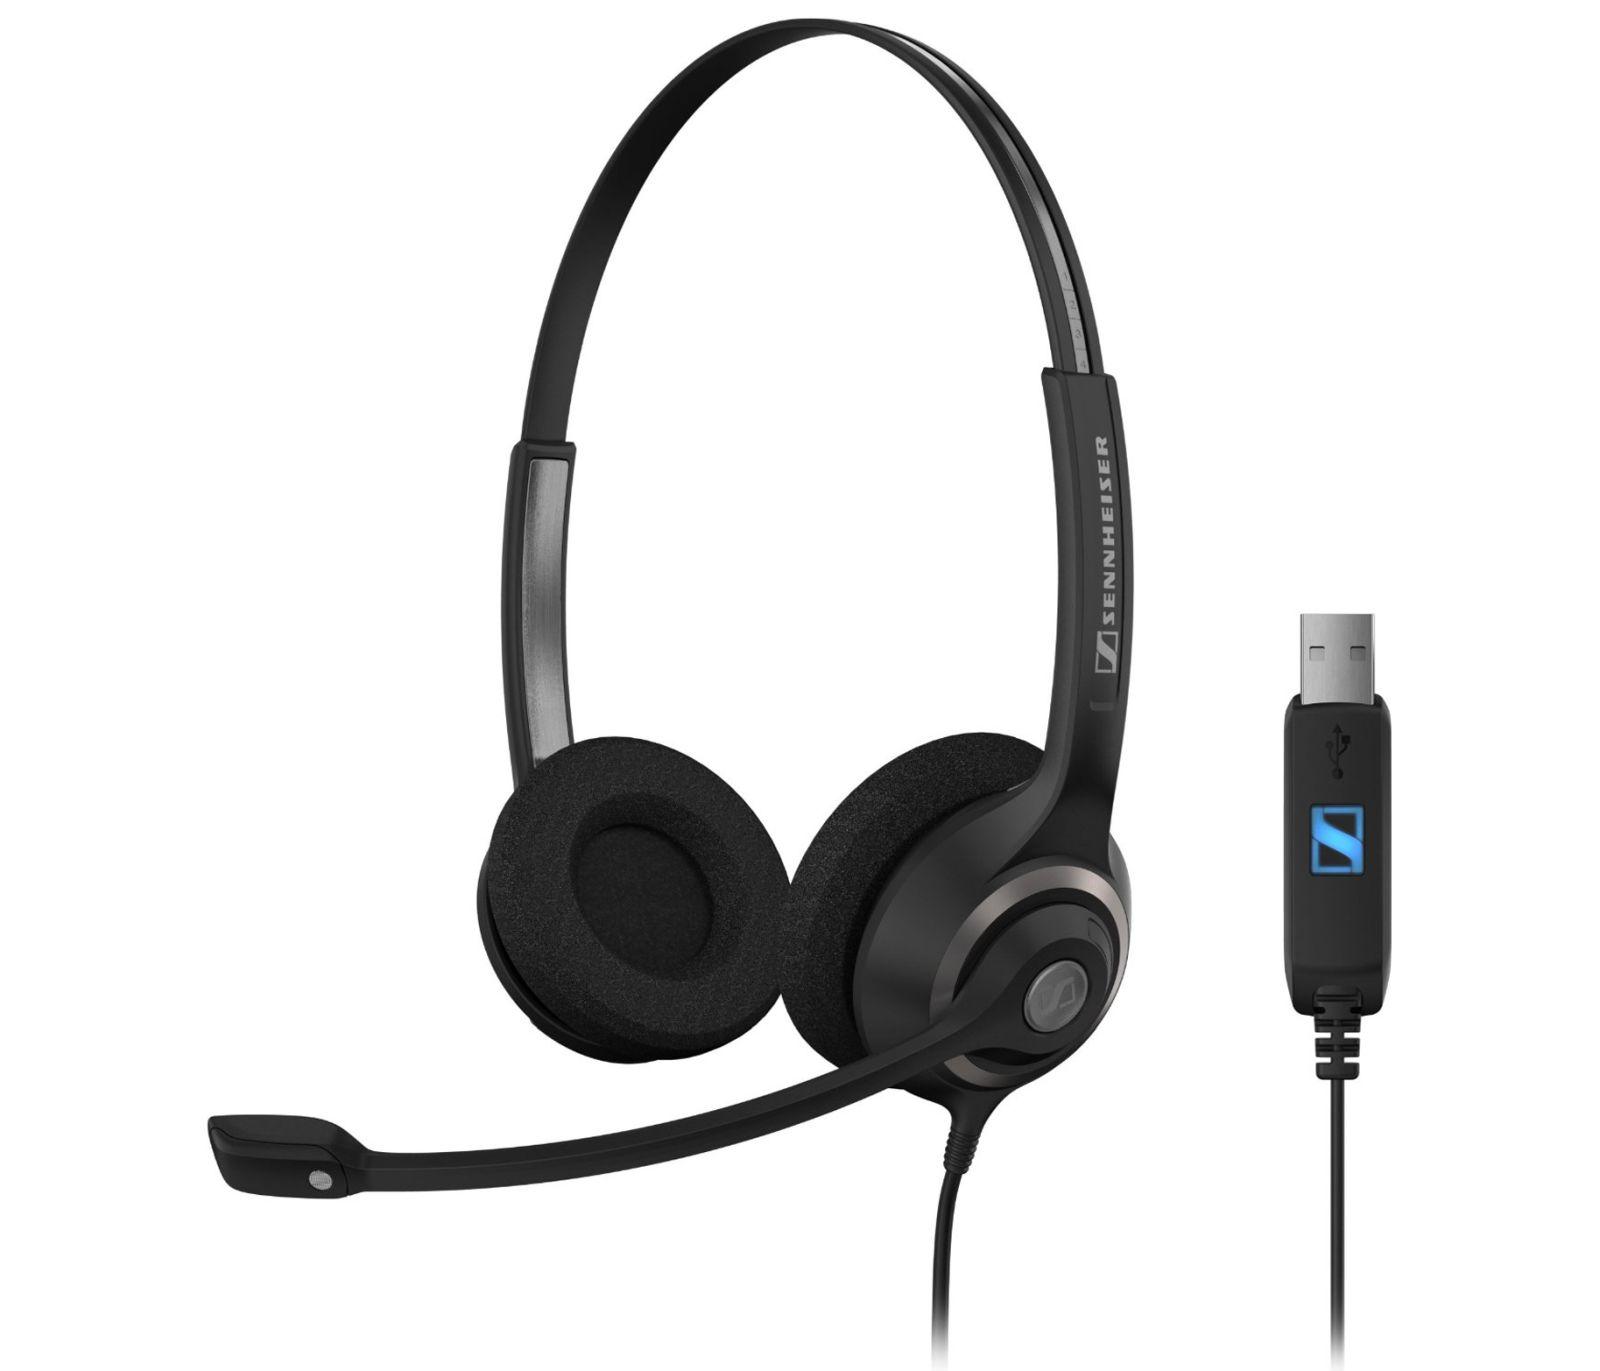 Image of Sennheiser SC 260 USB MS II Corded Headset for PC